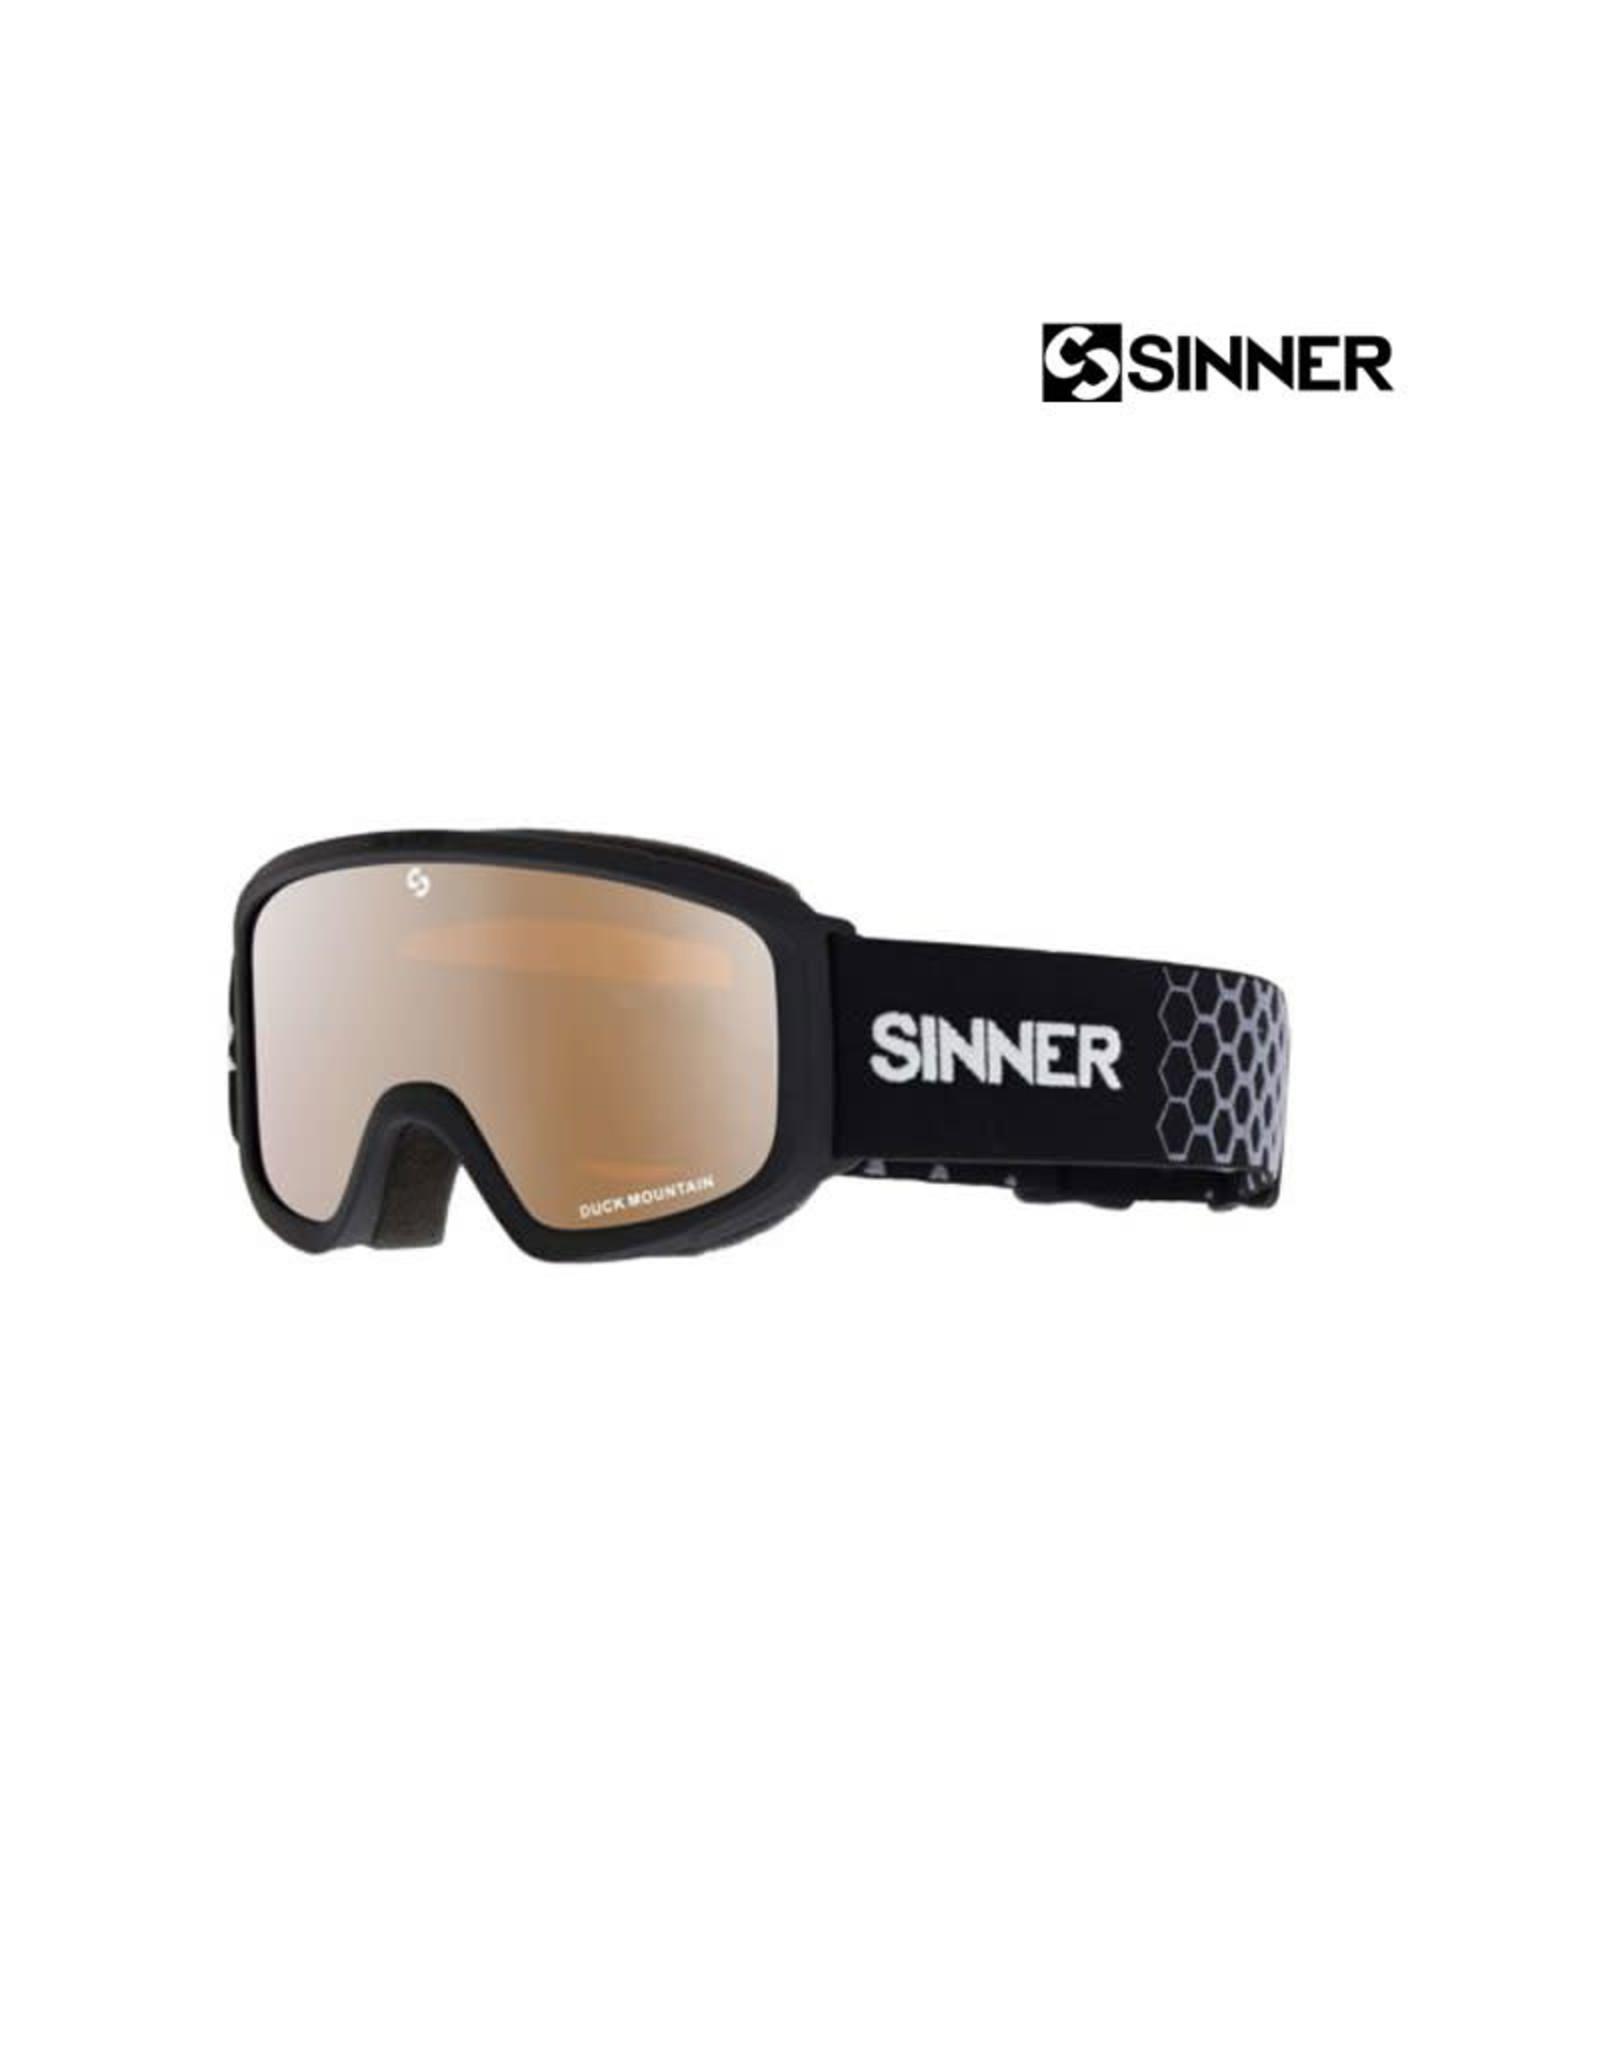 SINNER SKIBRIL SINNER DUCK MOUNTAIN Black/MIRROR